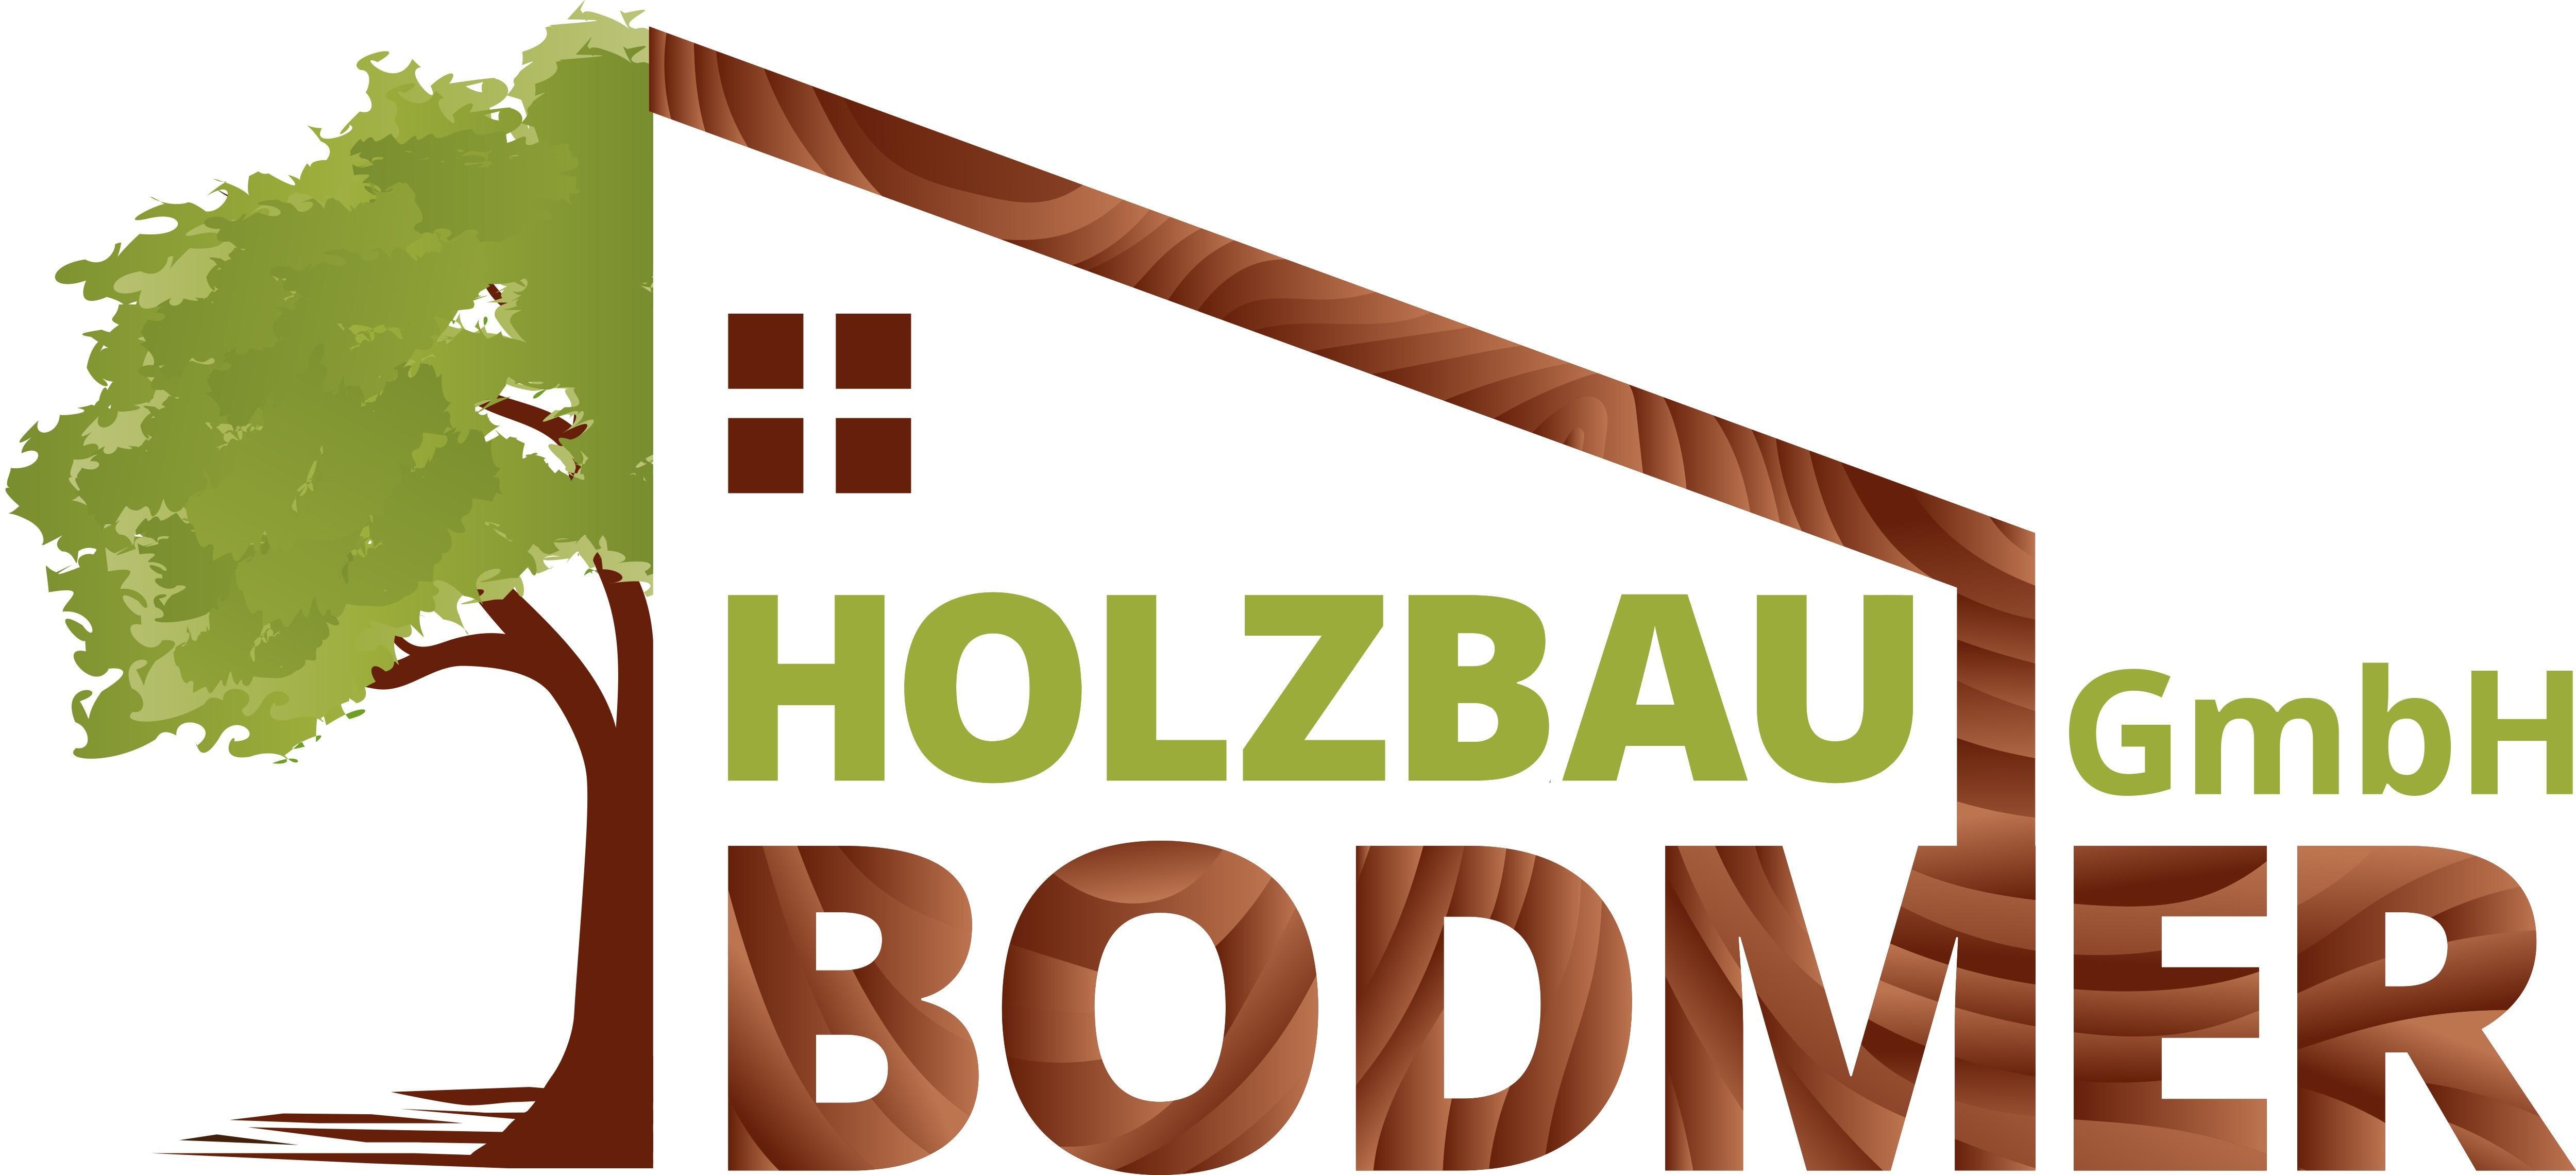 Erstelle für eine junge Holzbaufirma ein ansprechendes Logo